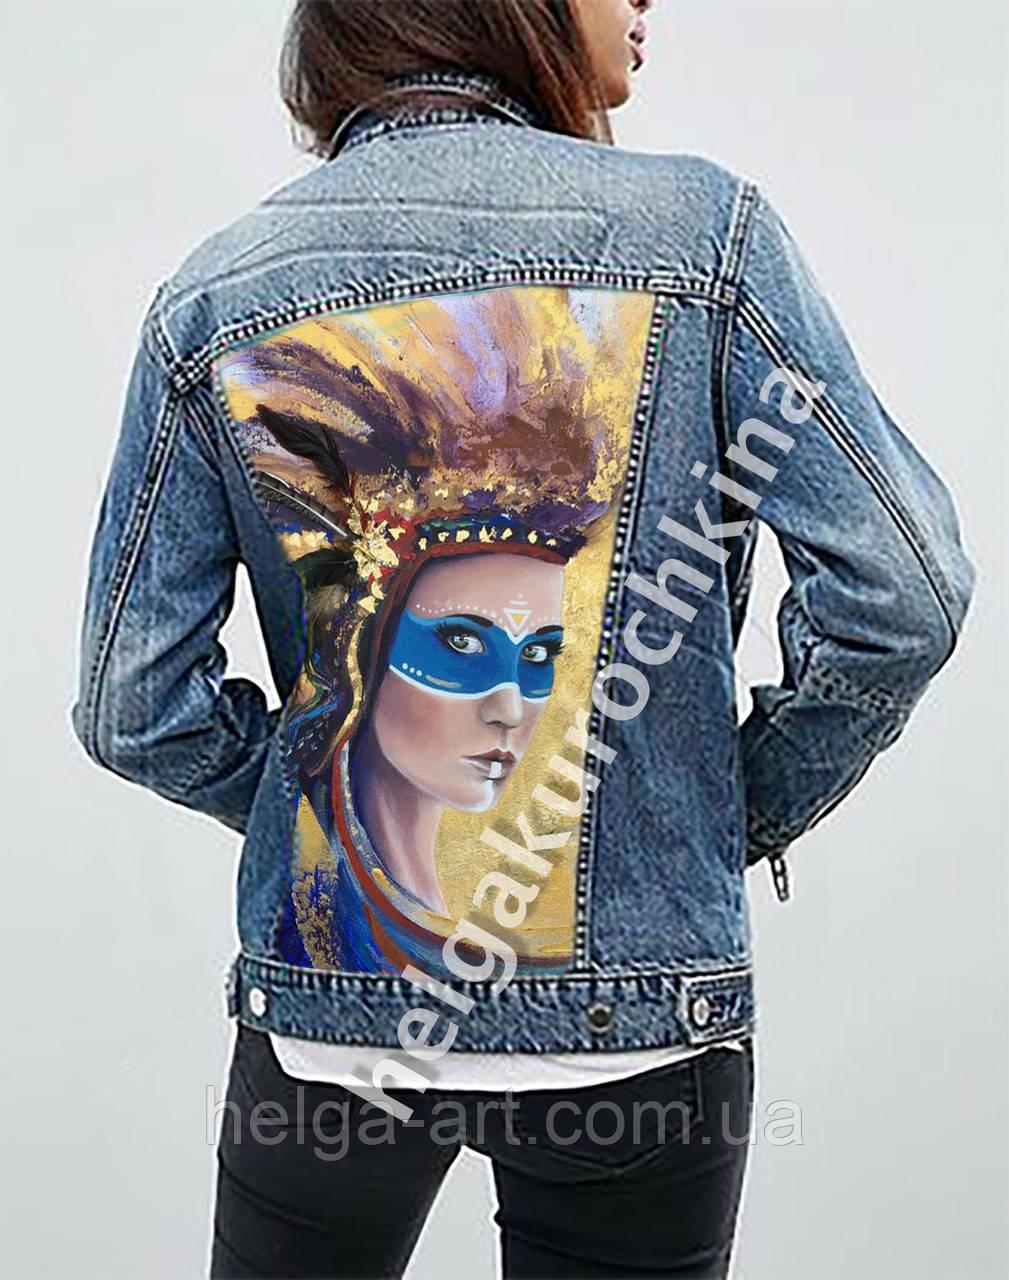 Роспись курток. Роспись по одежде. Роспись по джинсовой ткани. Куртка джинсовая. Куртка кожаная